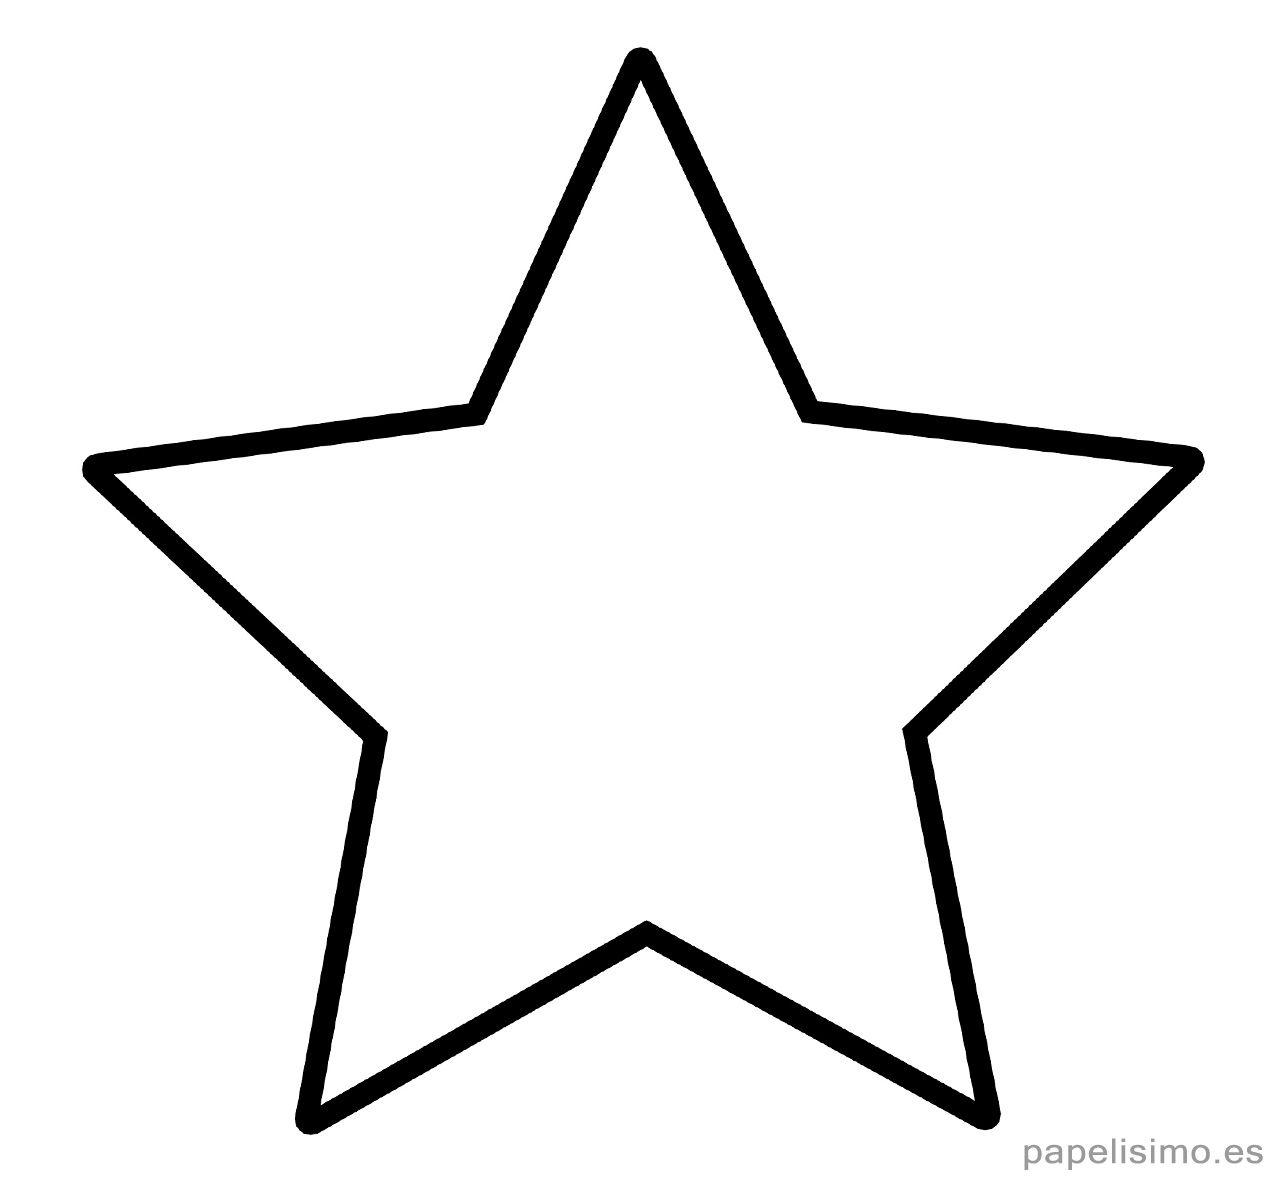 Plantilla Estrella 5 Puntas Clasica Imprimir Pintar Estencil